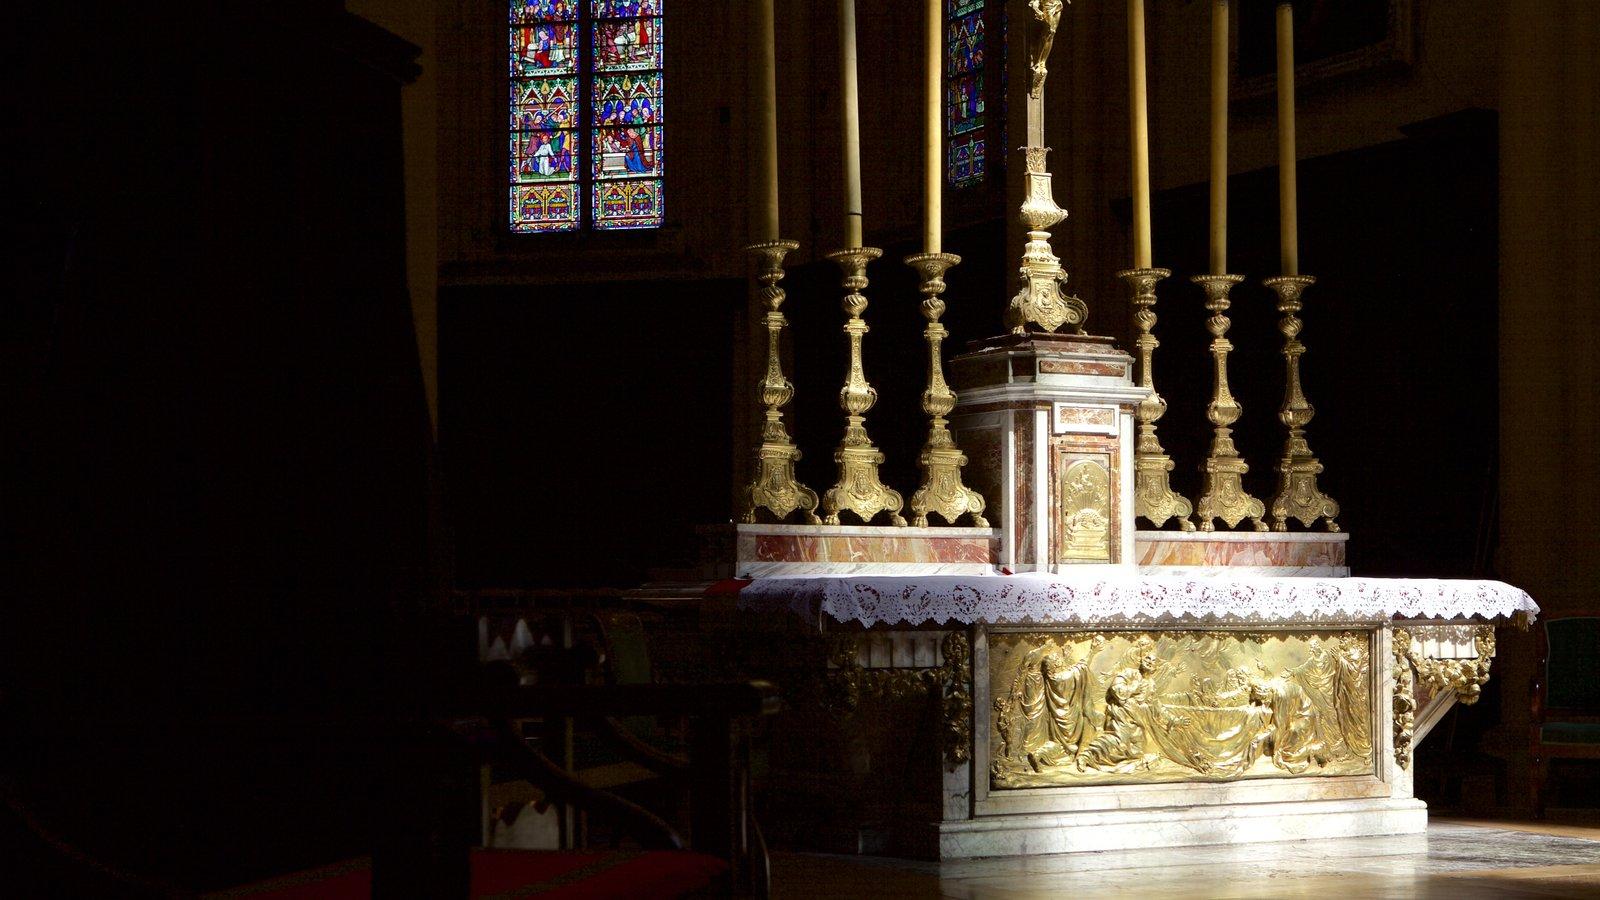 Catedral de Dijon que inclui elementos religiosos, uma igreja ou catedral e elementos de patrimônio